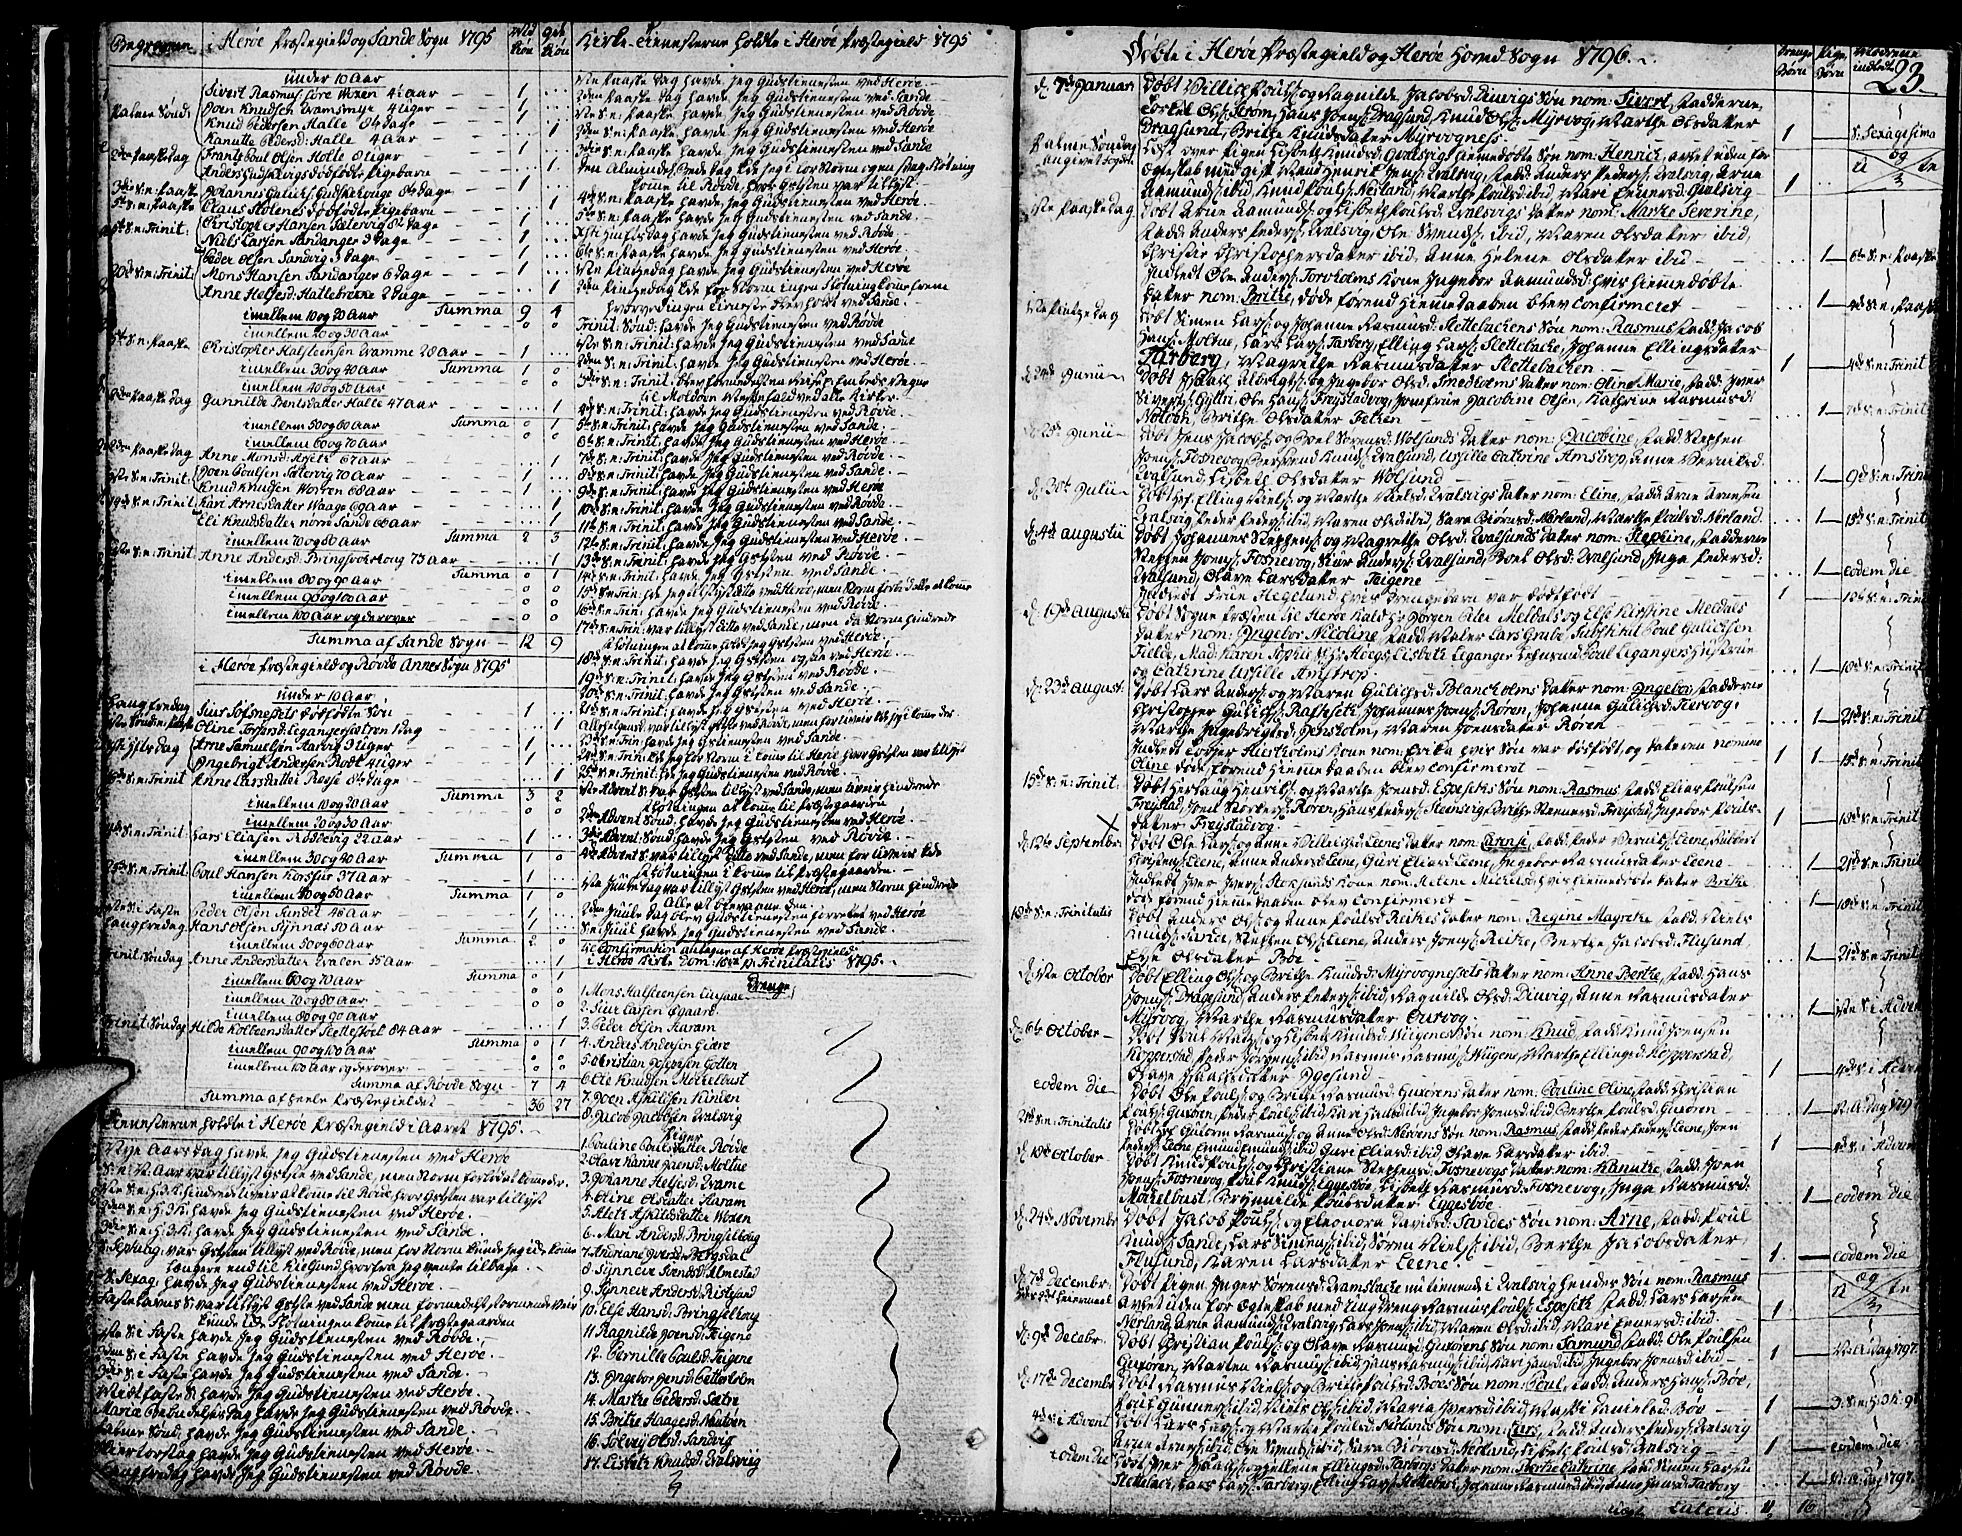 SAT, Ministerialprotokoller, klokkerbøker og fødselsregistre - Møre og Romsdal, 507/L0068: Ministerialbok nr. 507A03, 1789-1825, s. 23